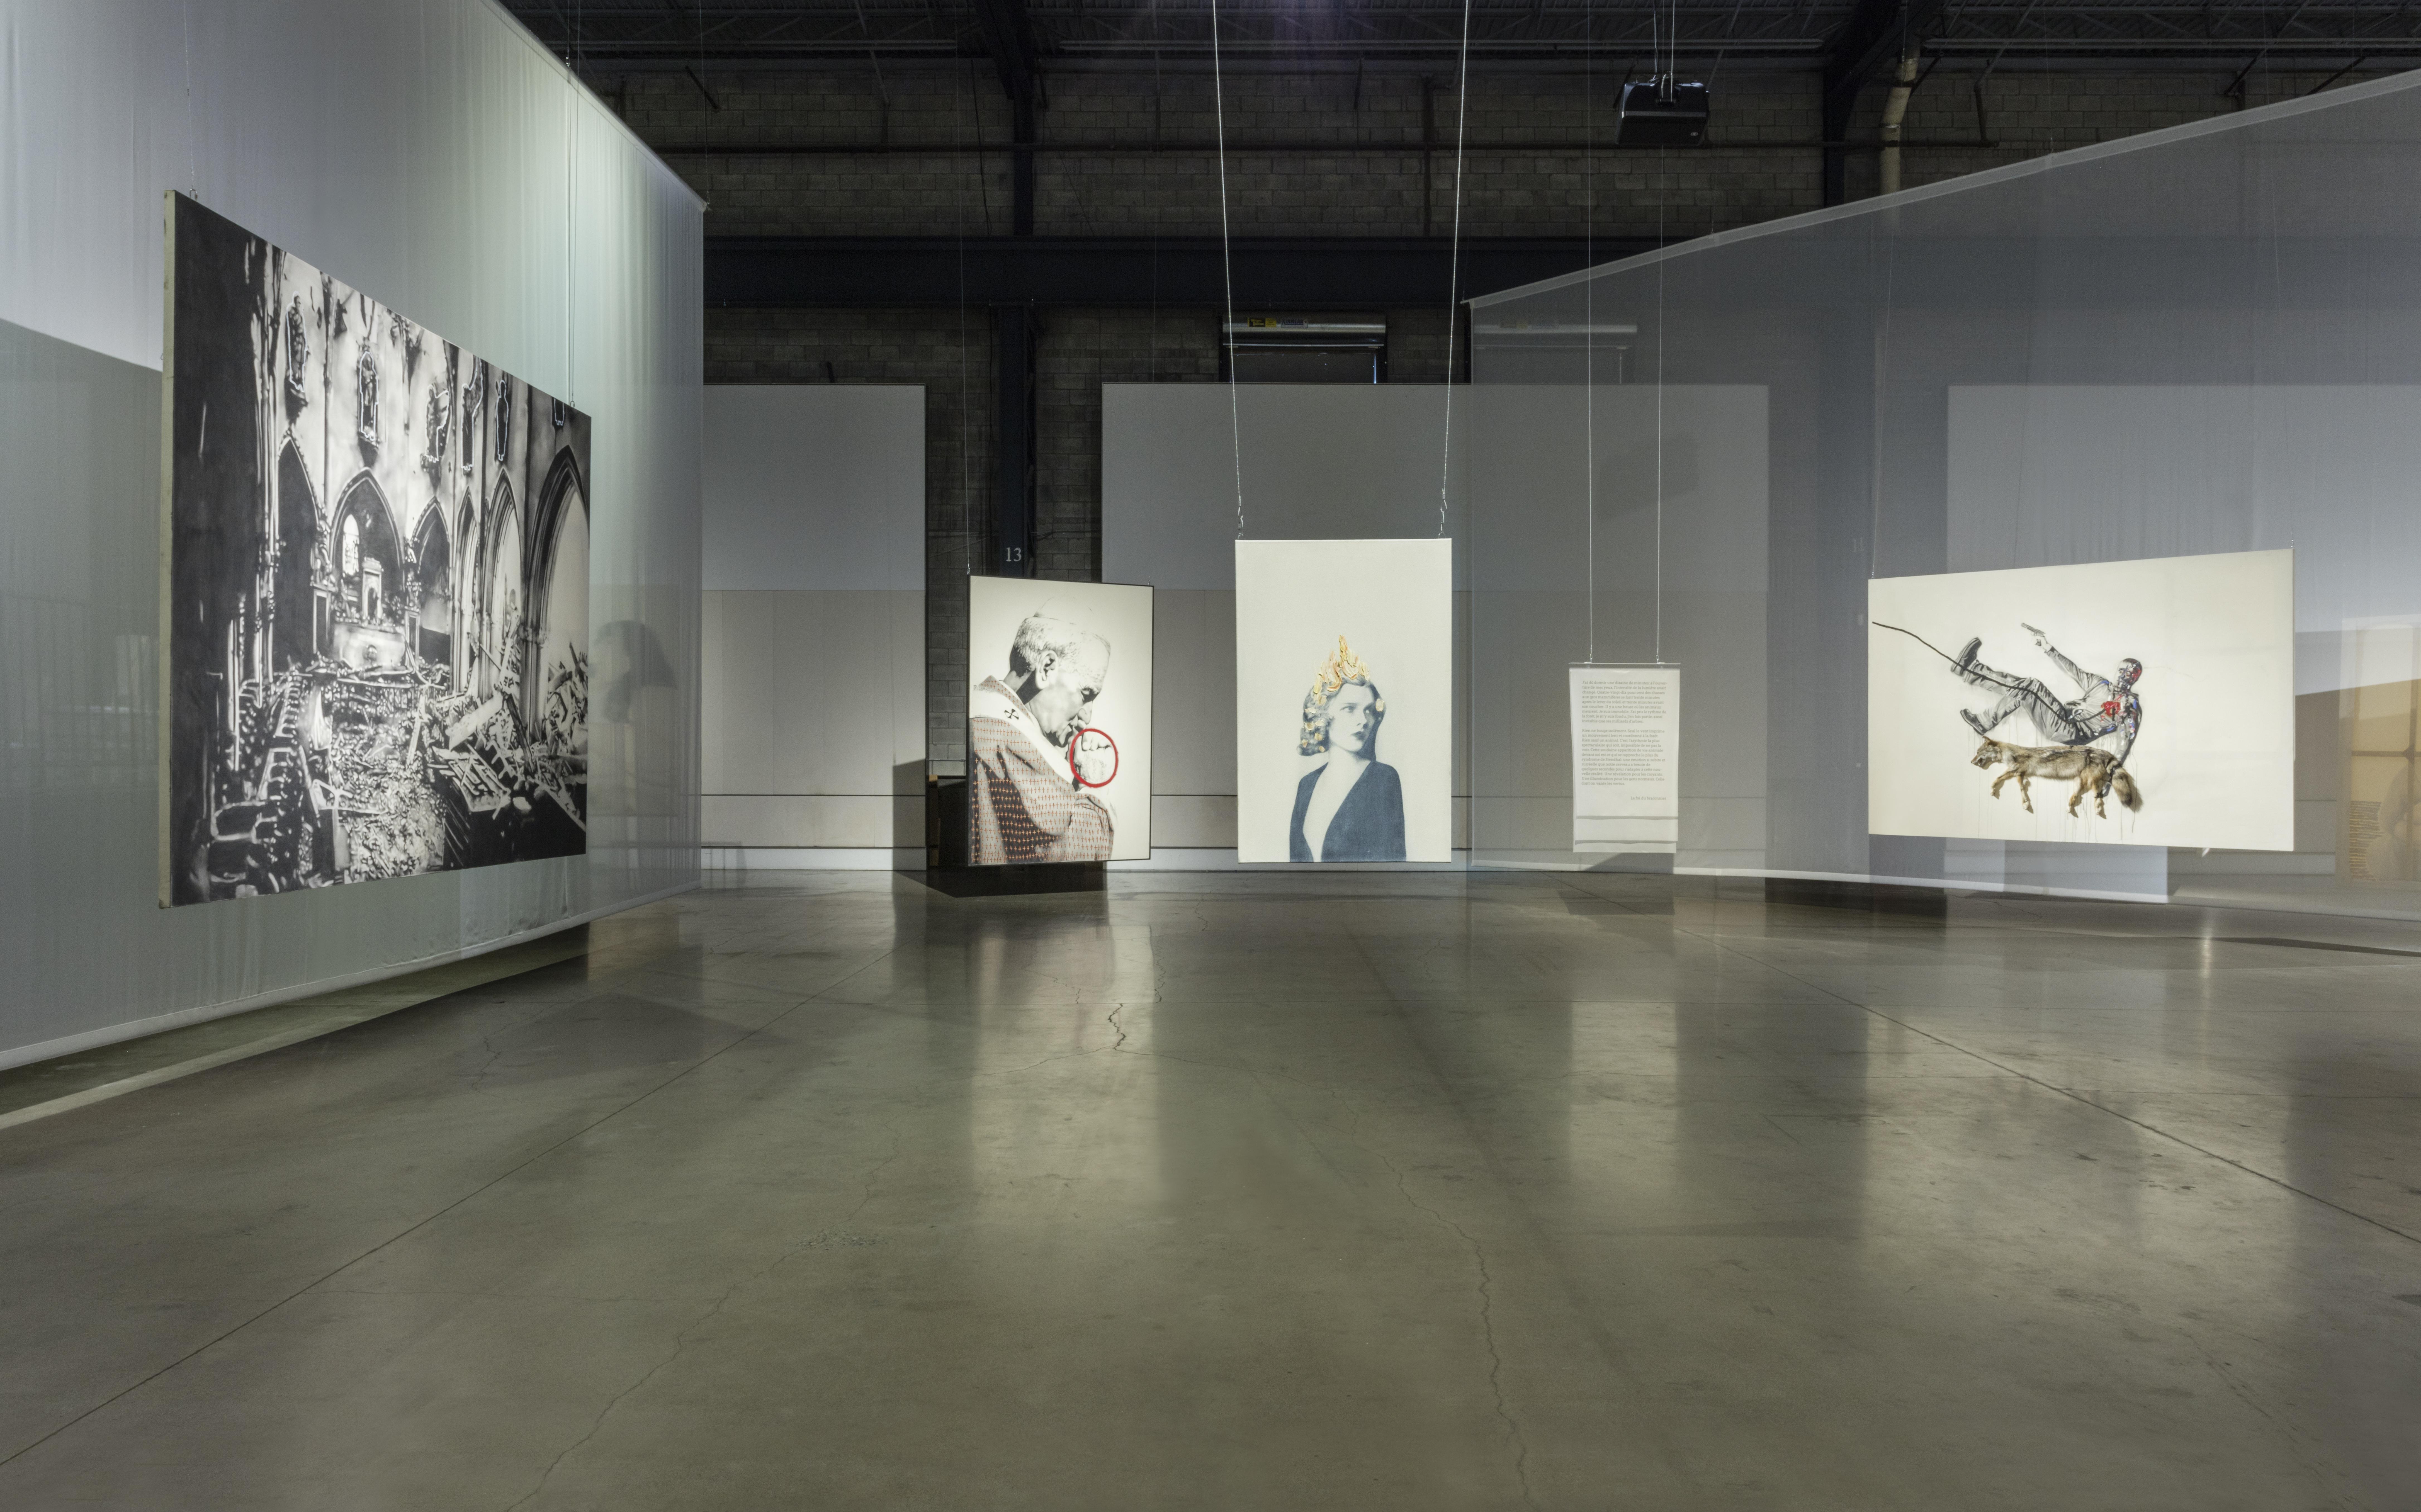 Exhibition View, Montréal